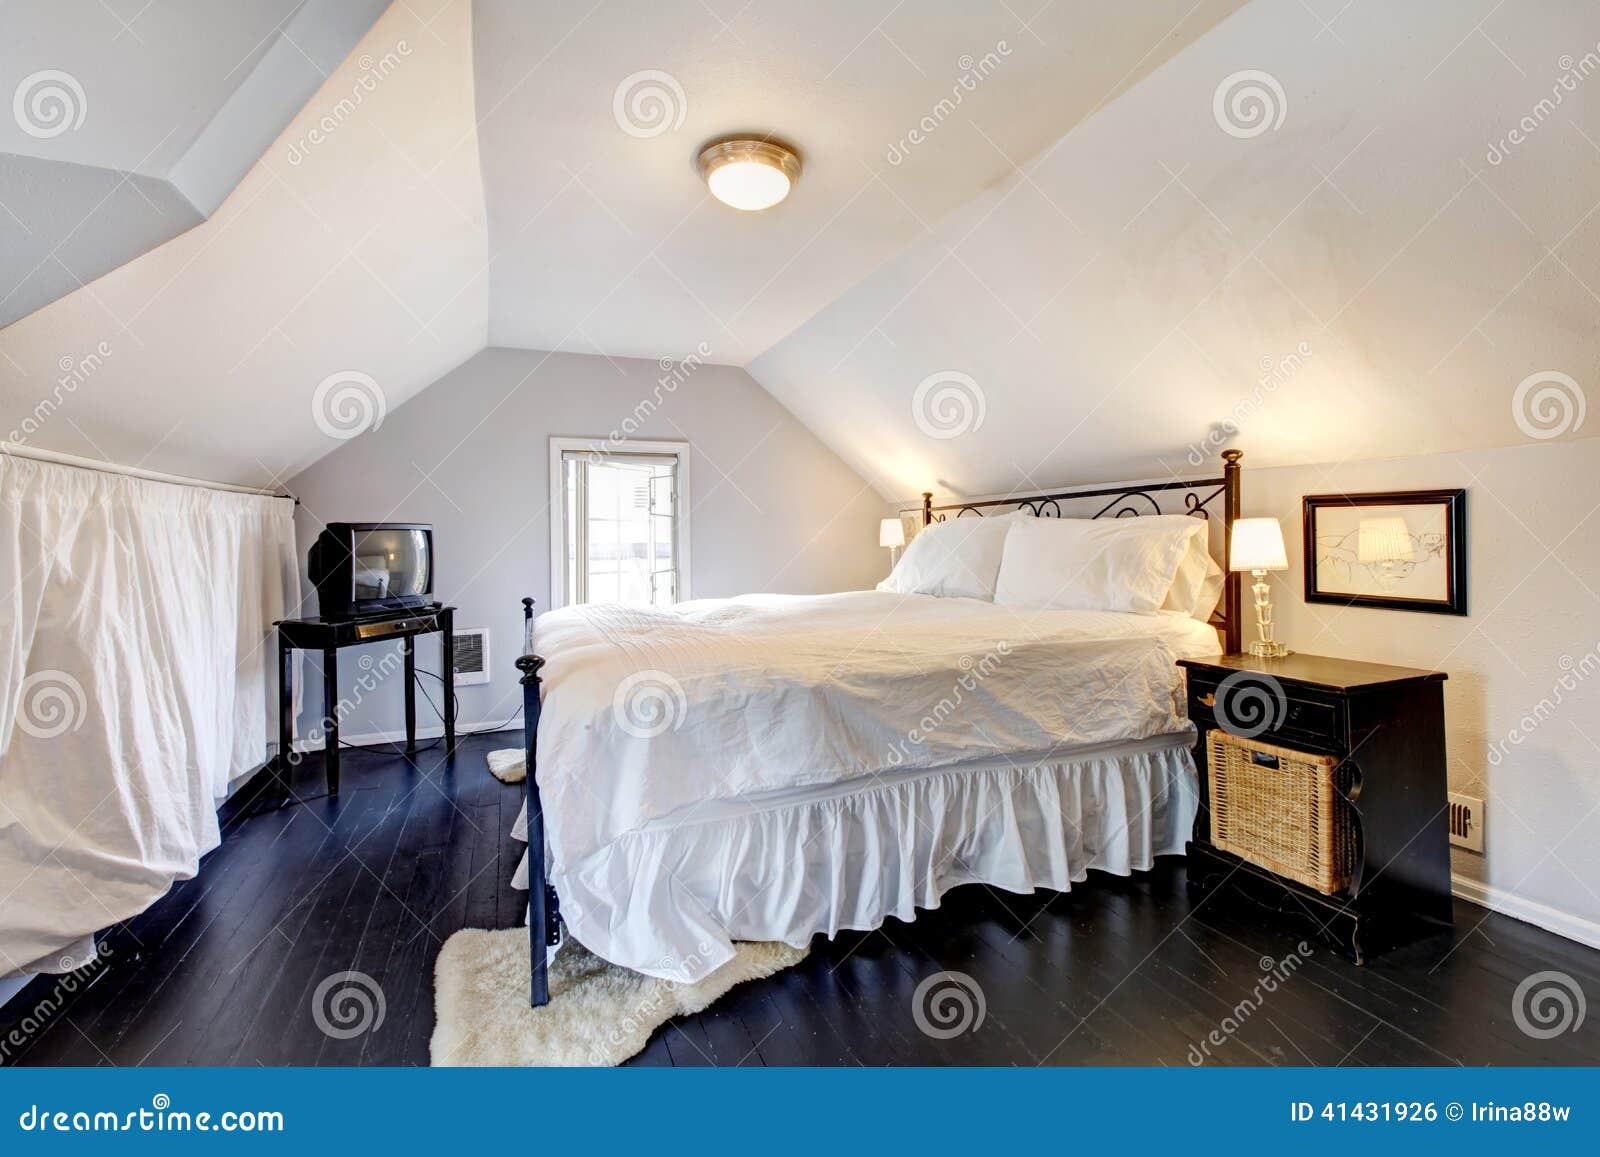 Dormitorio De Velux En Casa Vieja Con Muebles Antiguos Foto de ...